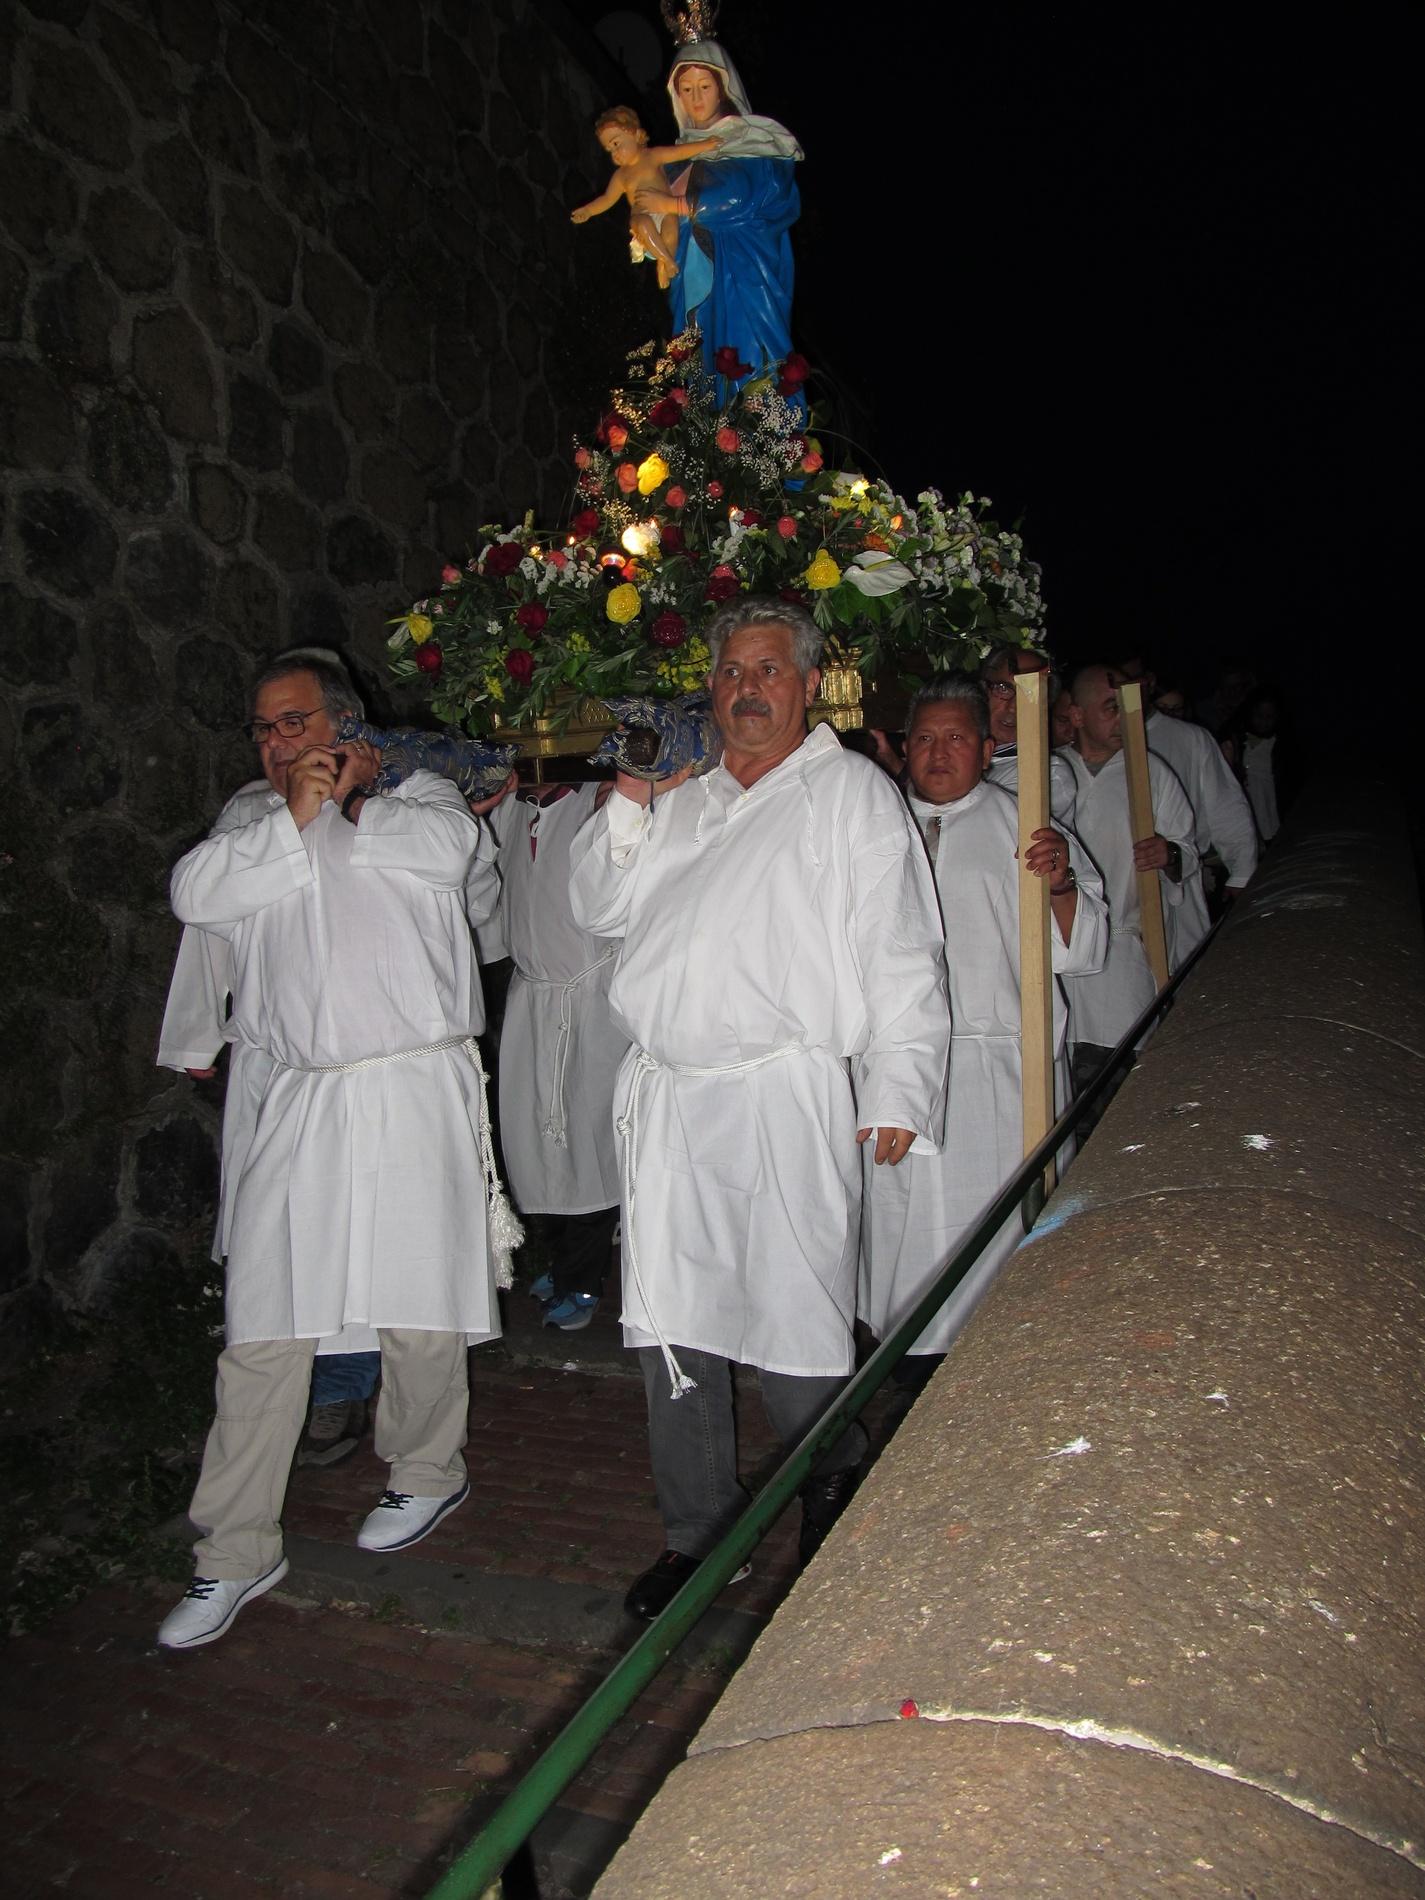 processione-madonna-2015-05-31-21-28-32